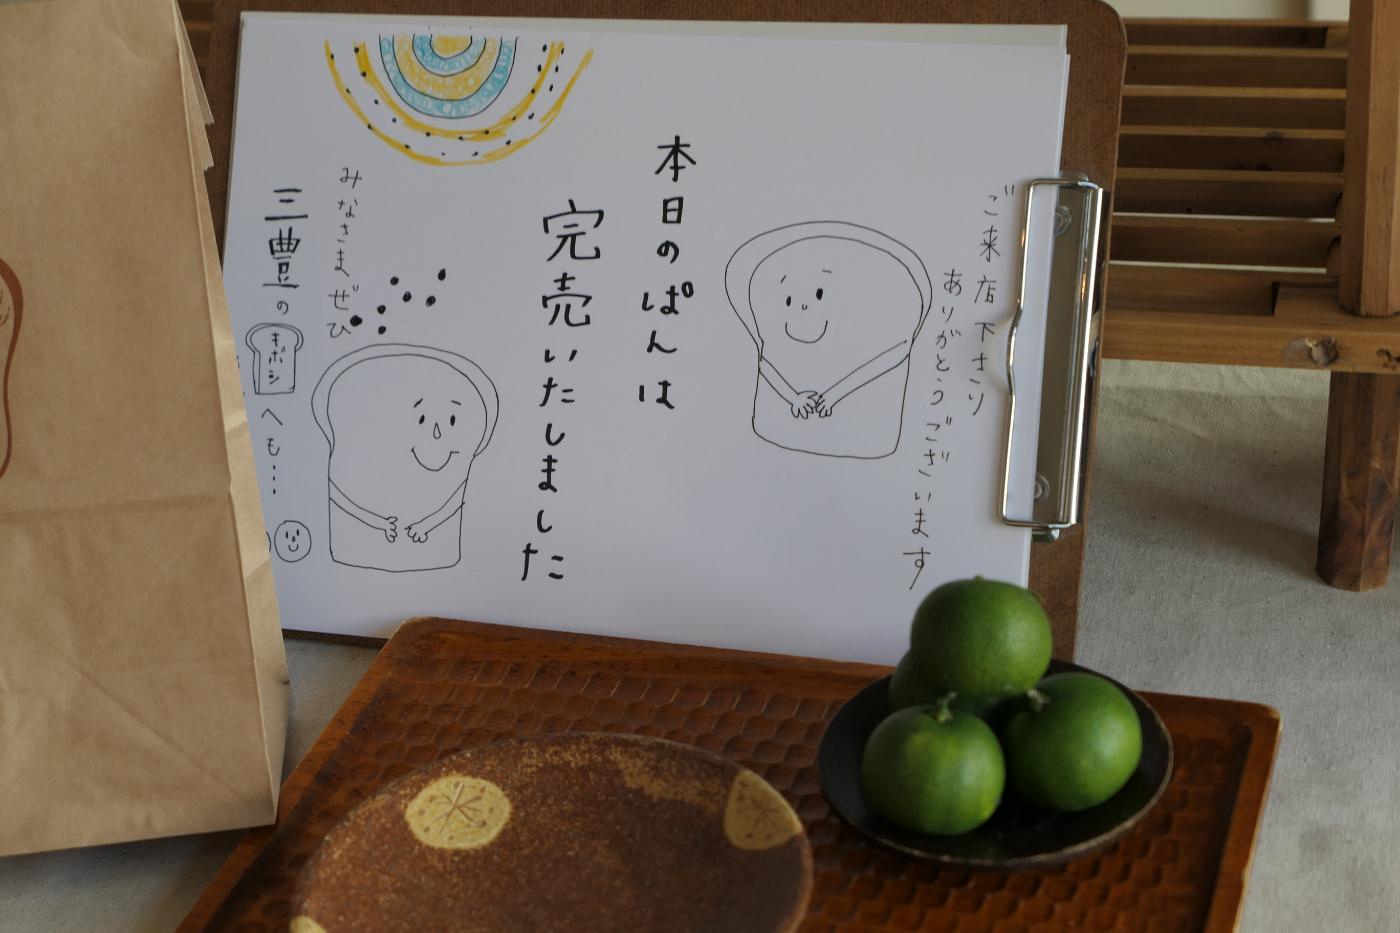 パン屋kiboshi 売り切れの看板 おしろのまちの市秋の市vol.2